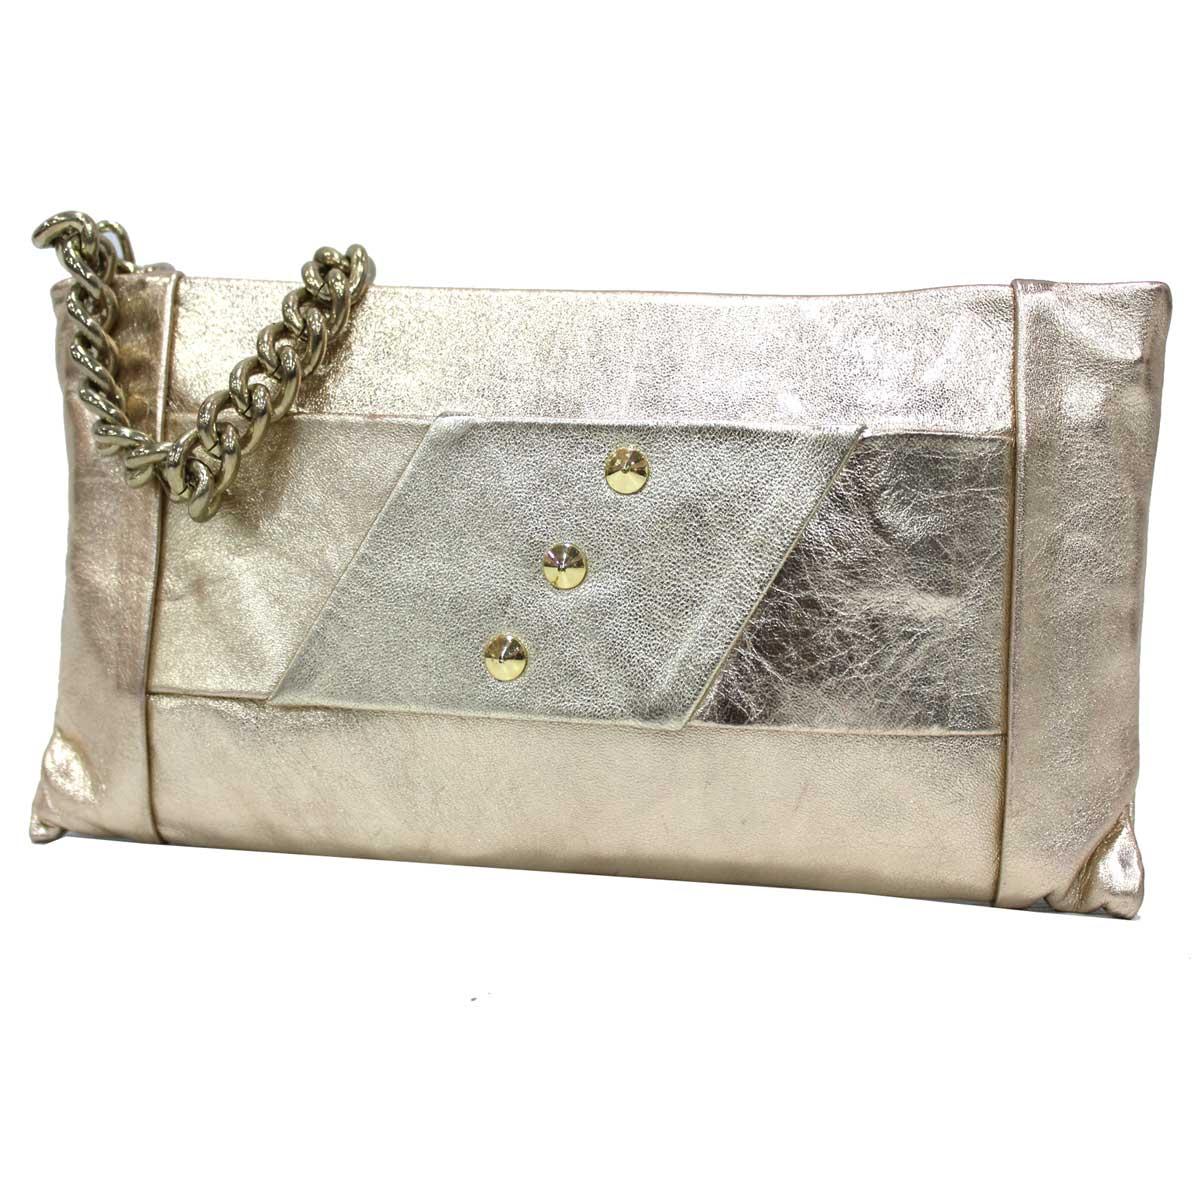 d7590296f4 Borsetta donna borsa clutch a mano da sera cerimonia pelle Annaluna 191  platino